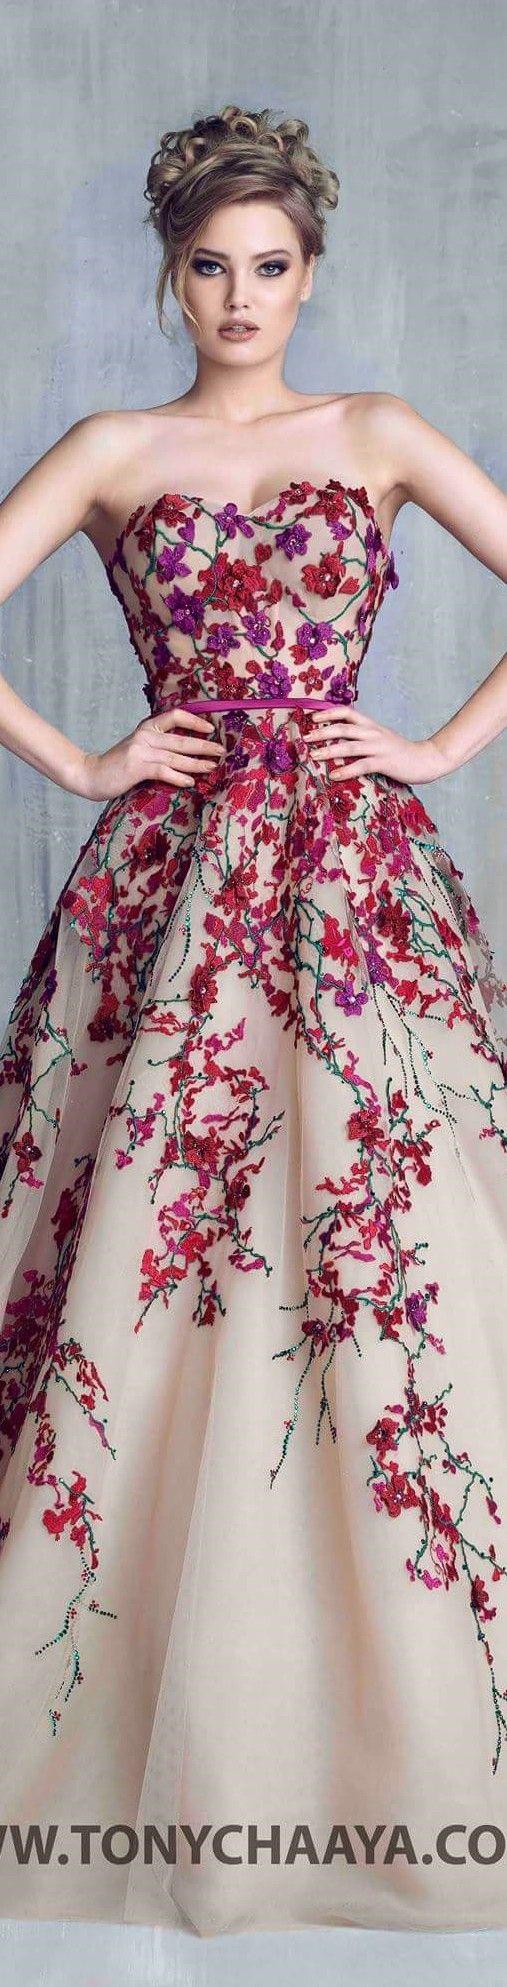 (não gostei da parte de cima) Bordado em cores vivas + nude Gostei da forma como o bordado se espalha pela saia. Tony Chaaya couture 2016